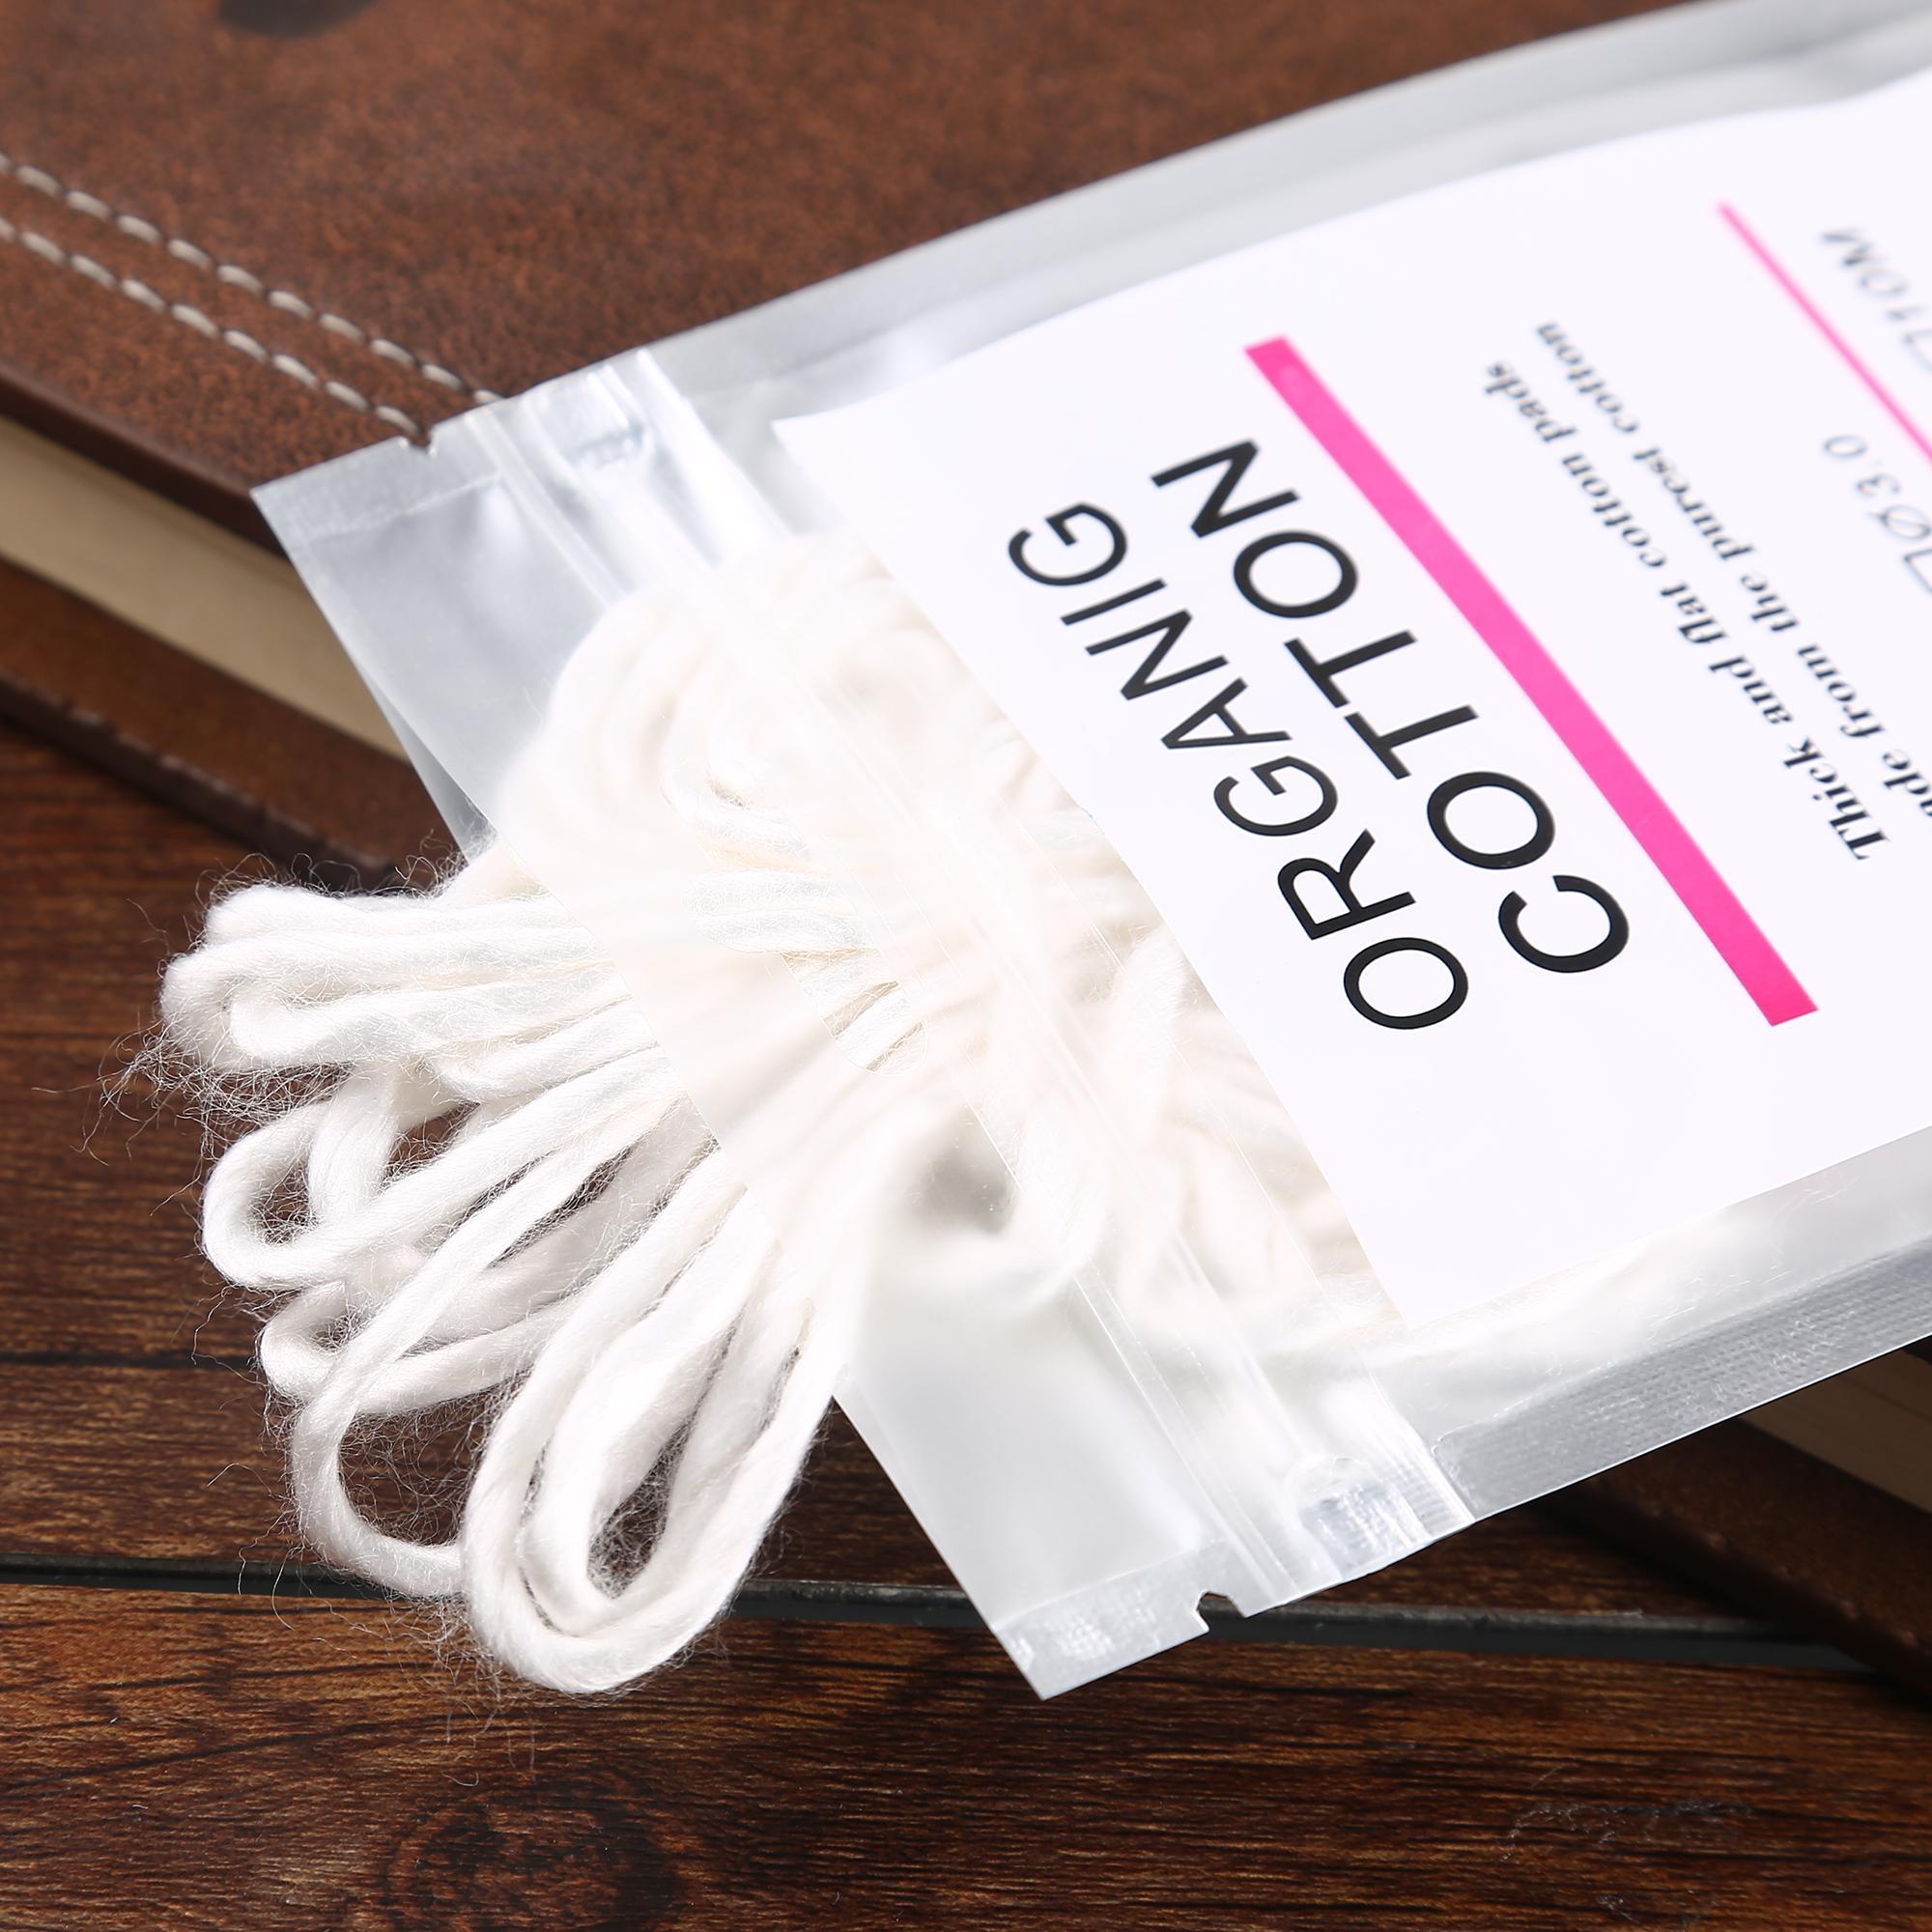 Filo di cotone organico puro cotone A1 di cotone organico per bobine di diversa resistenza fai da te